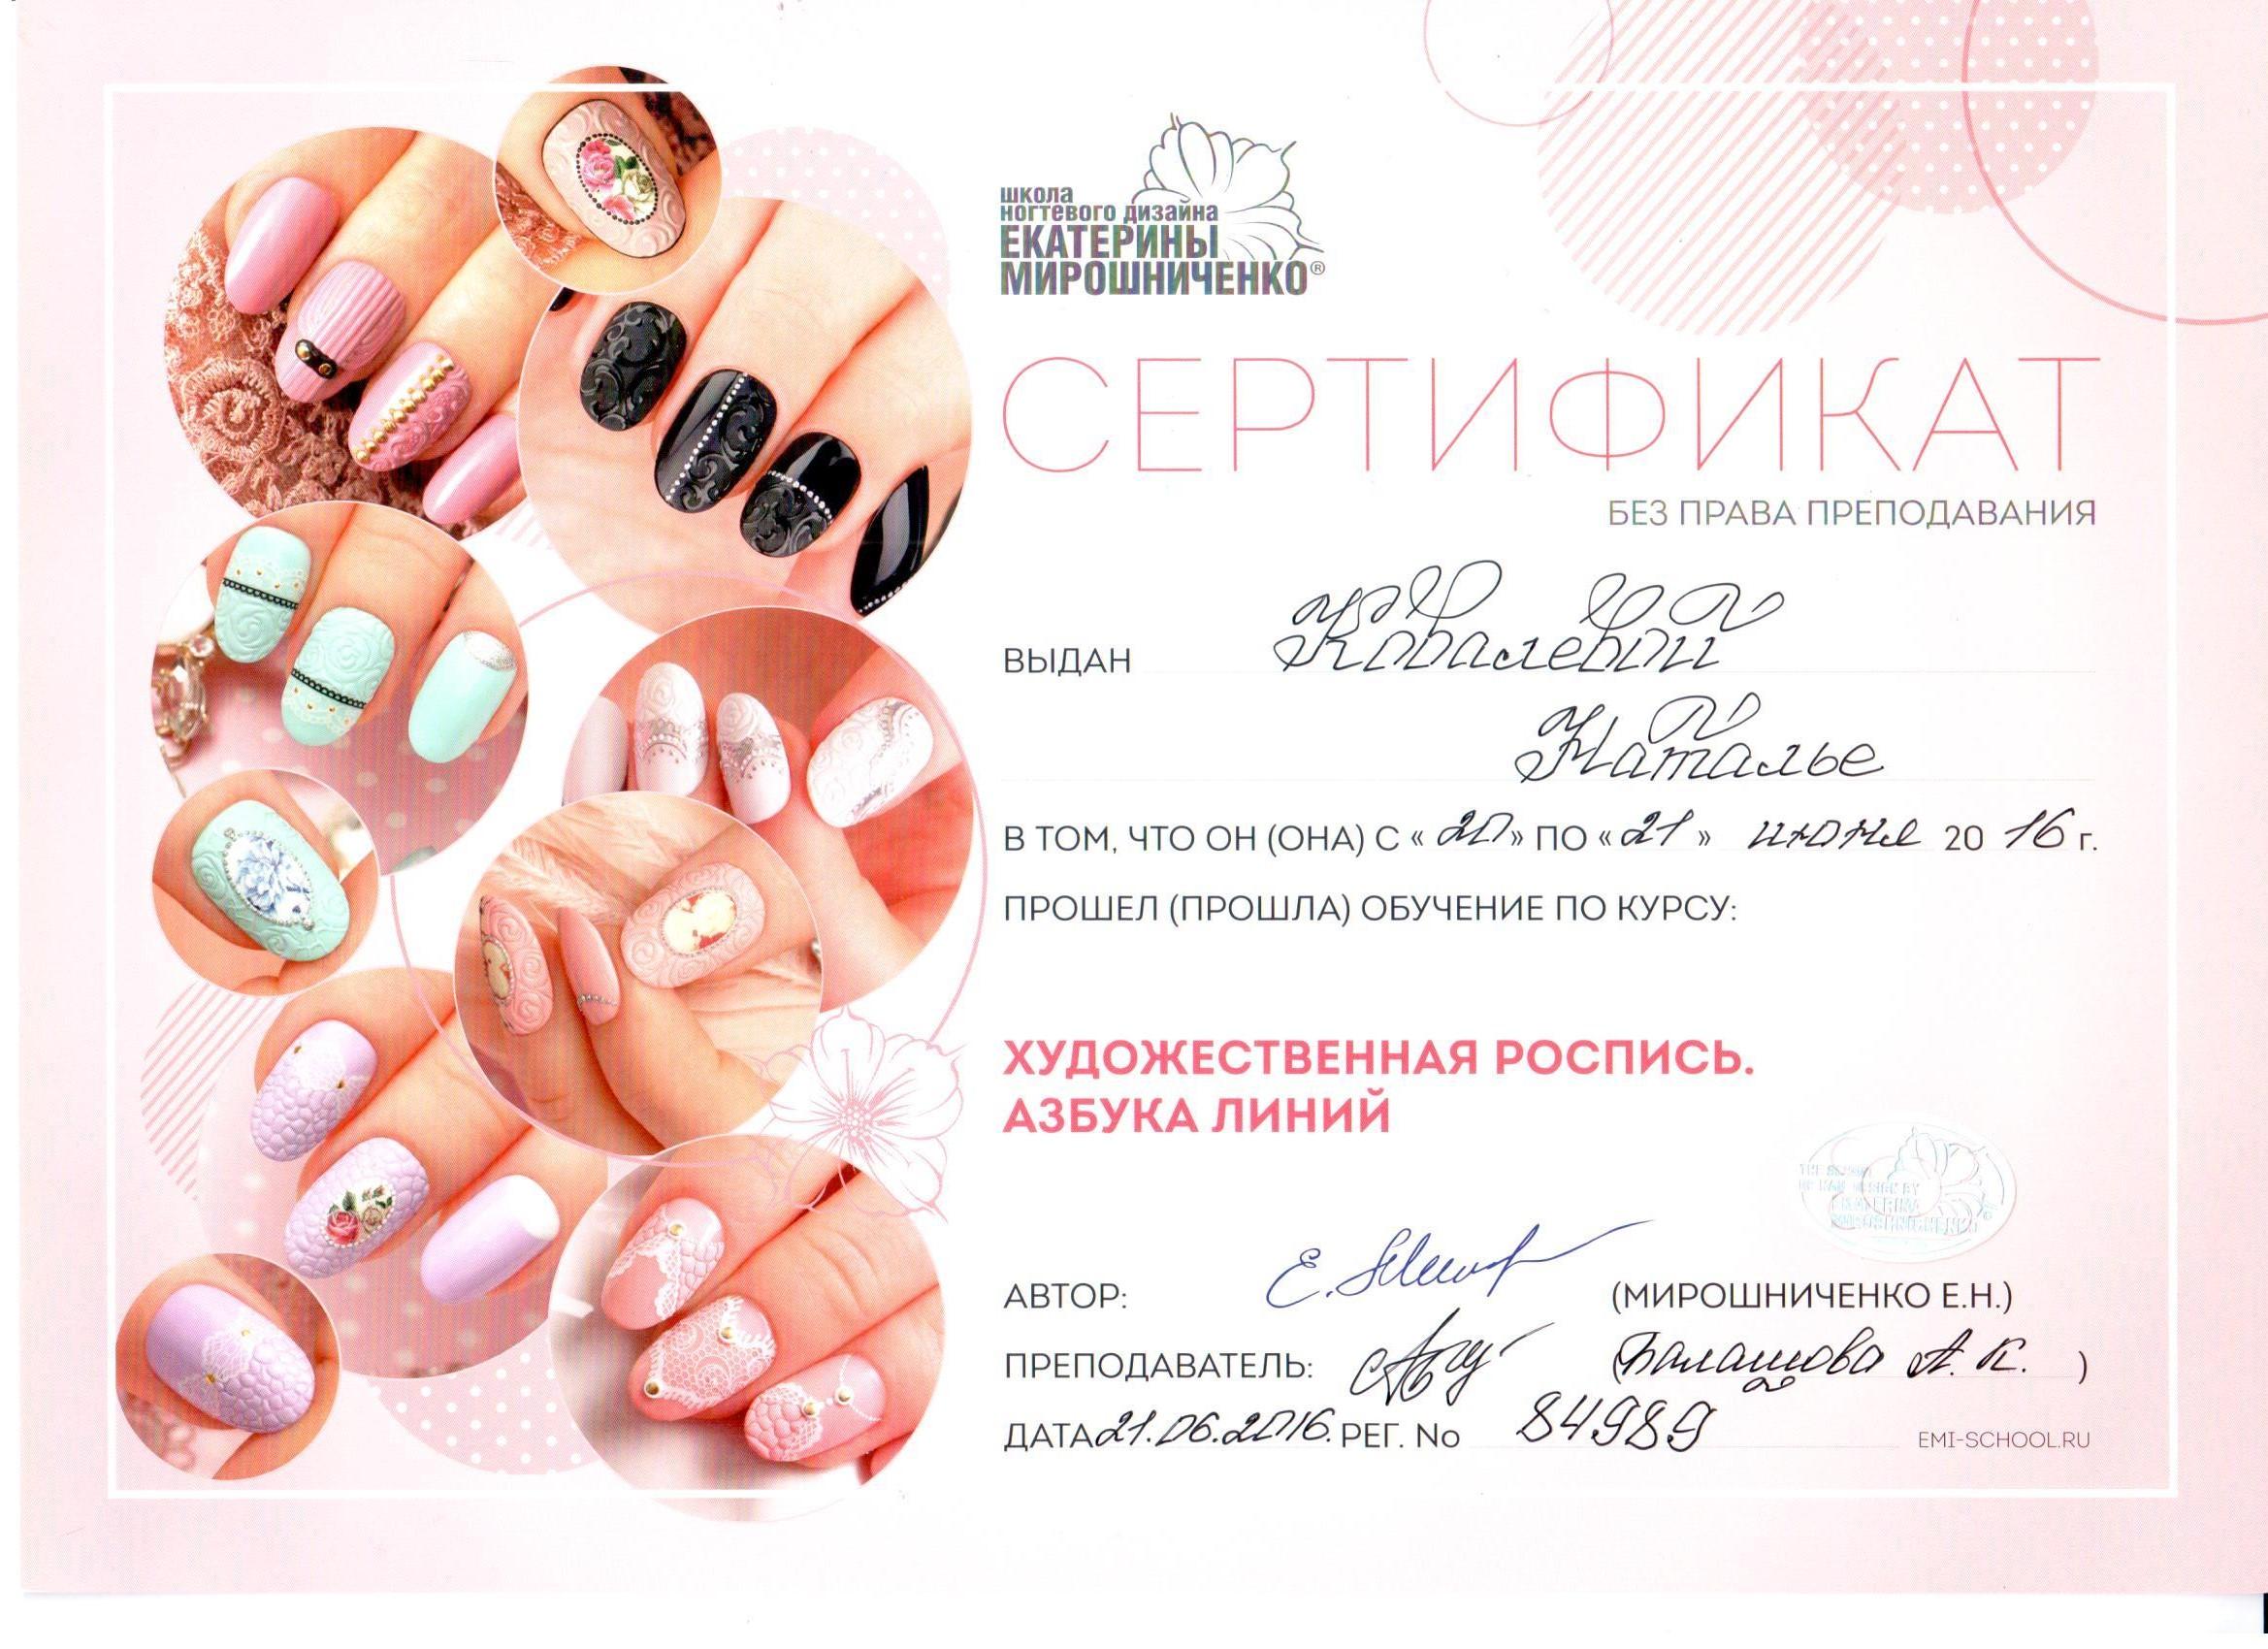 сертификат ногти фото позволяет нам